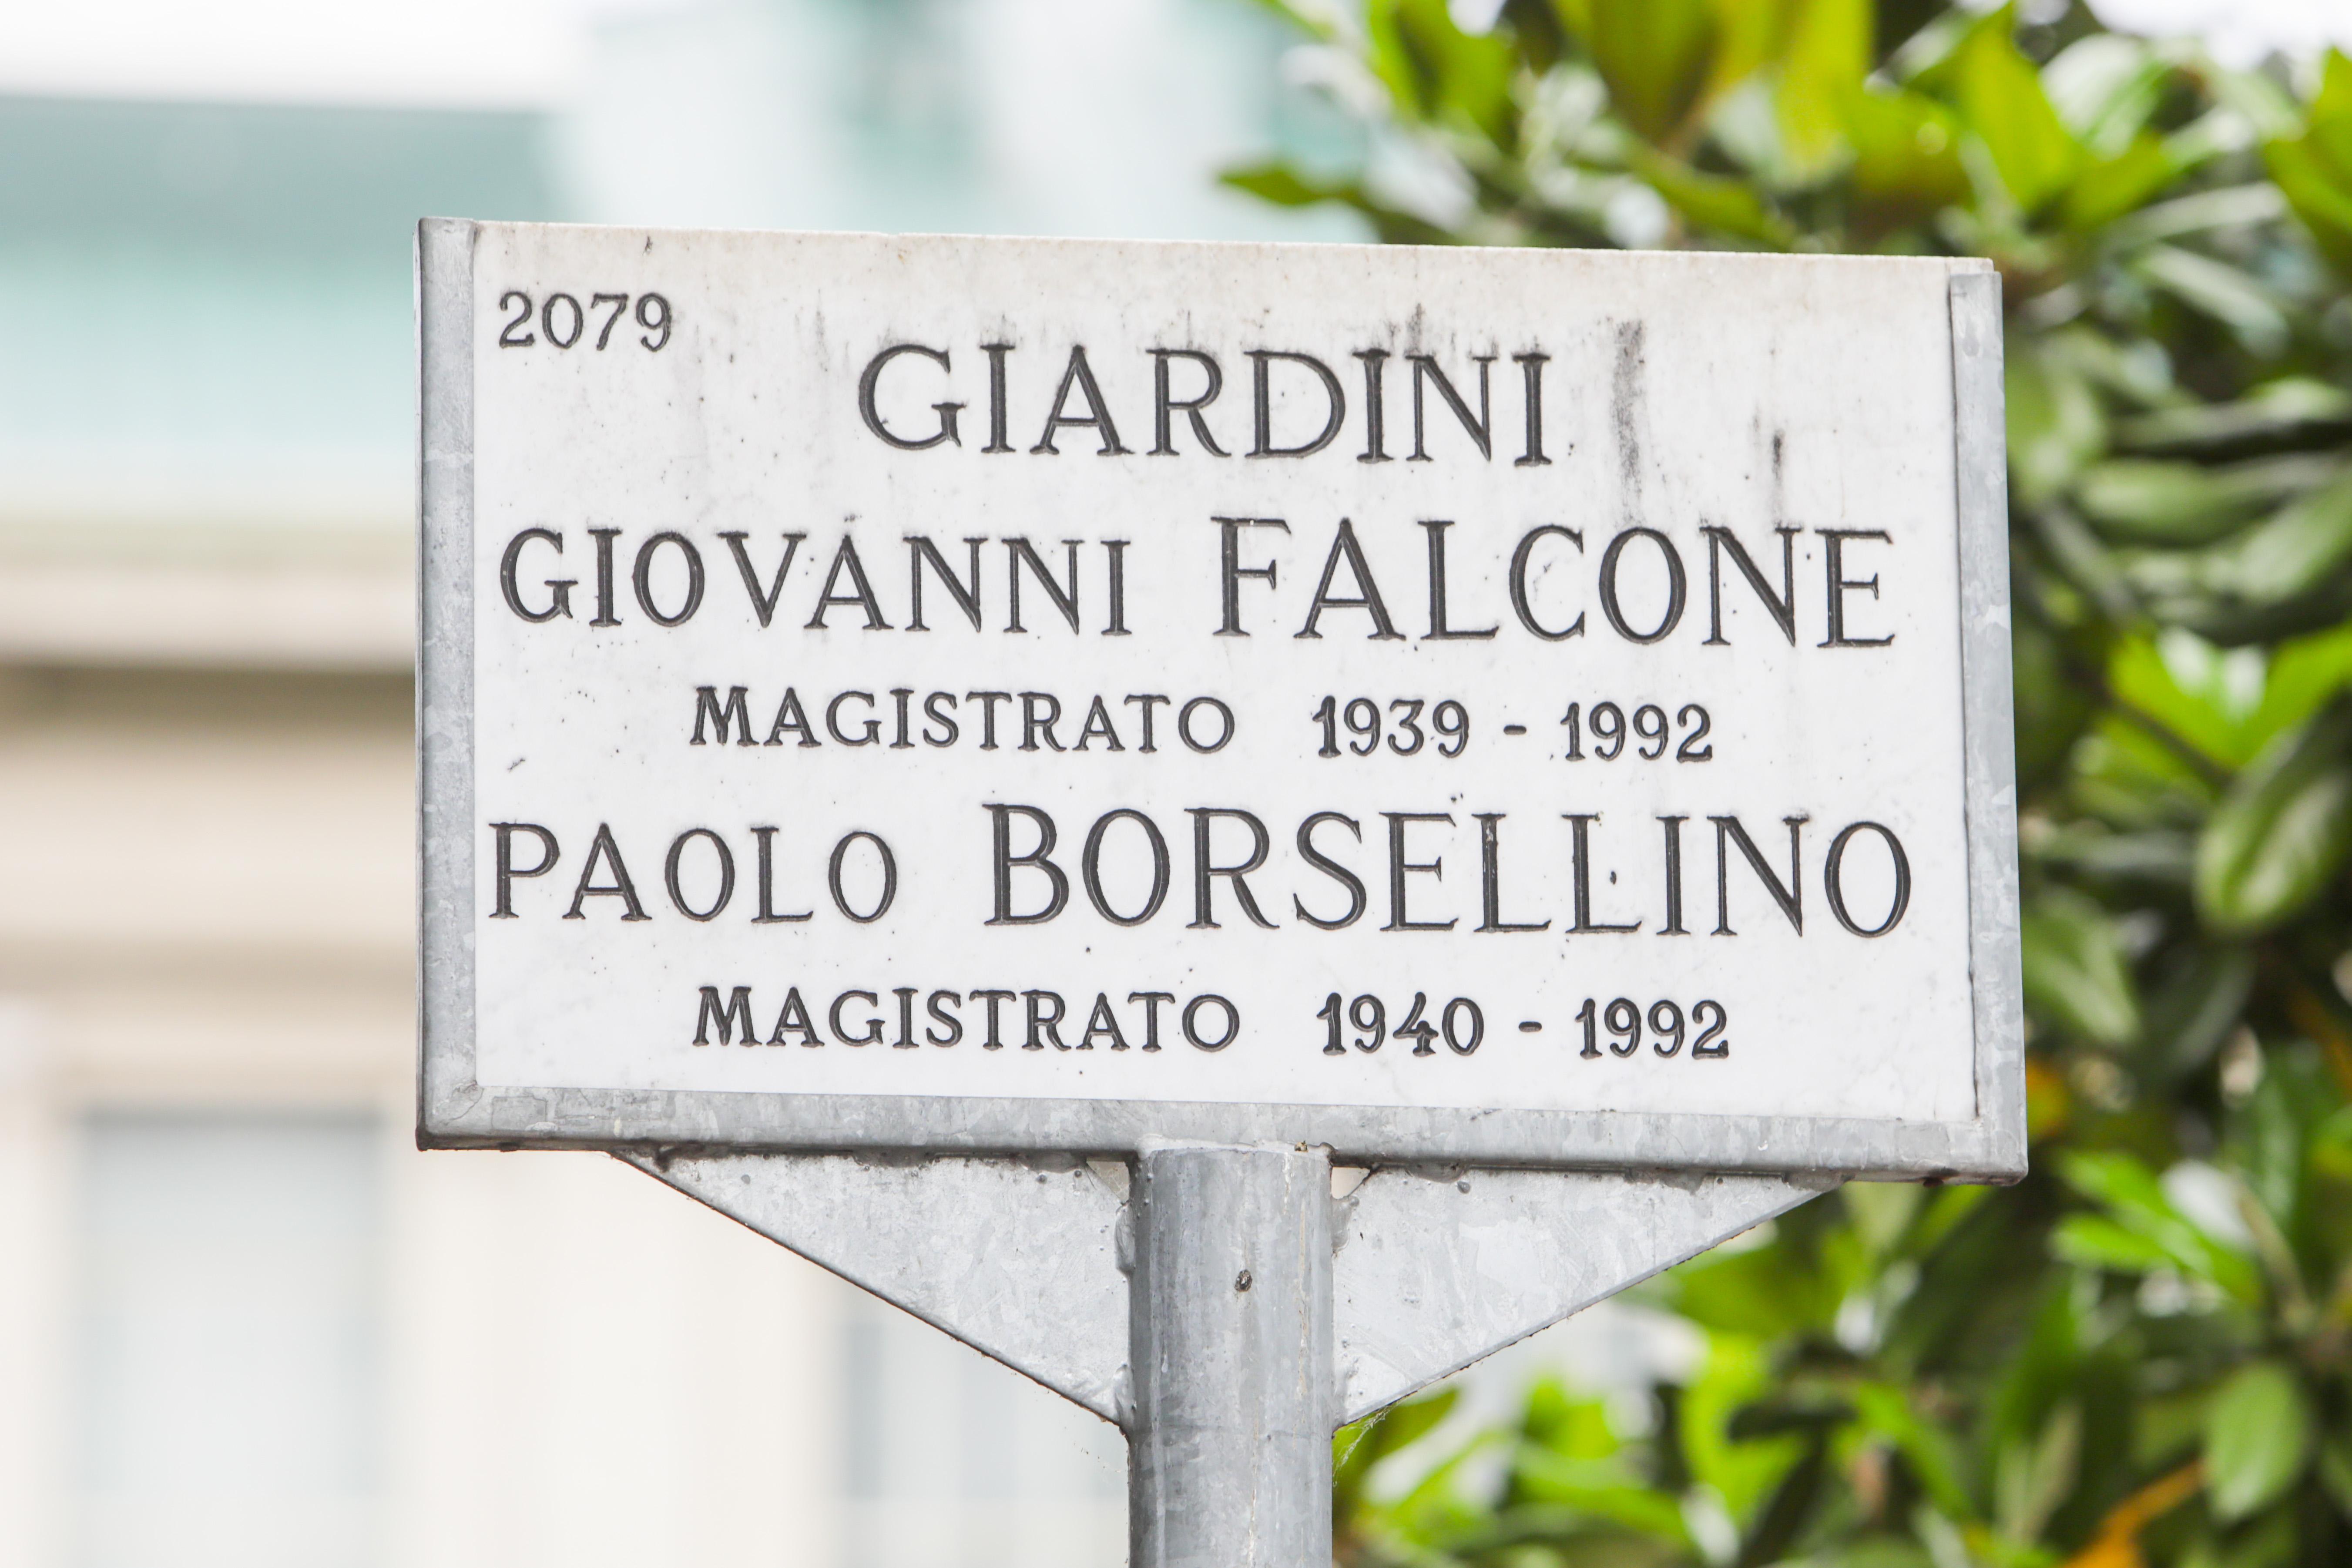 Életfogytiglanra ítélték Olaszország legkeresettebb maffiafőnökét